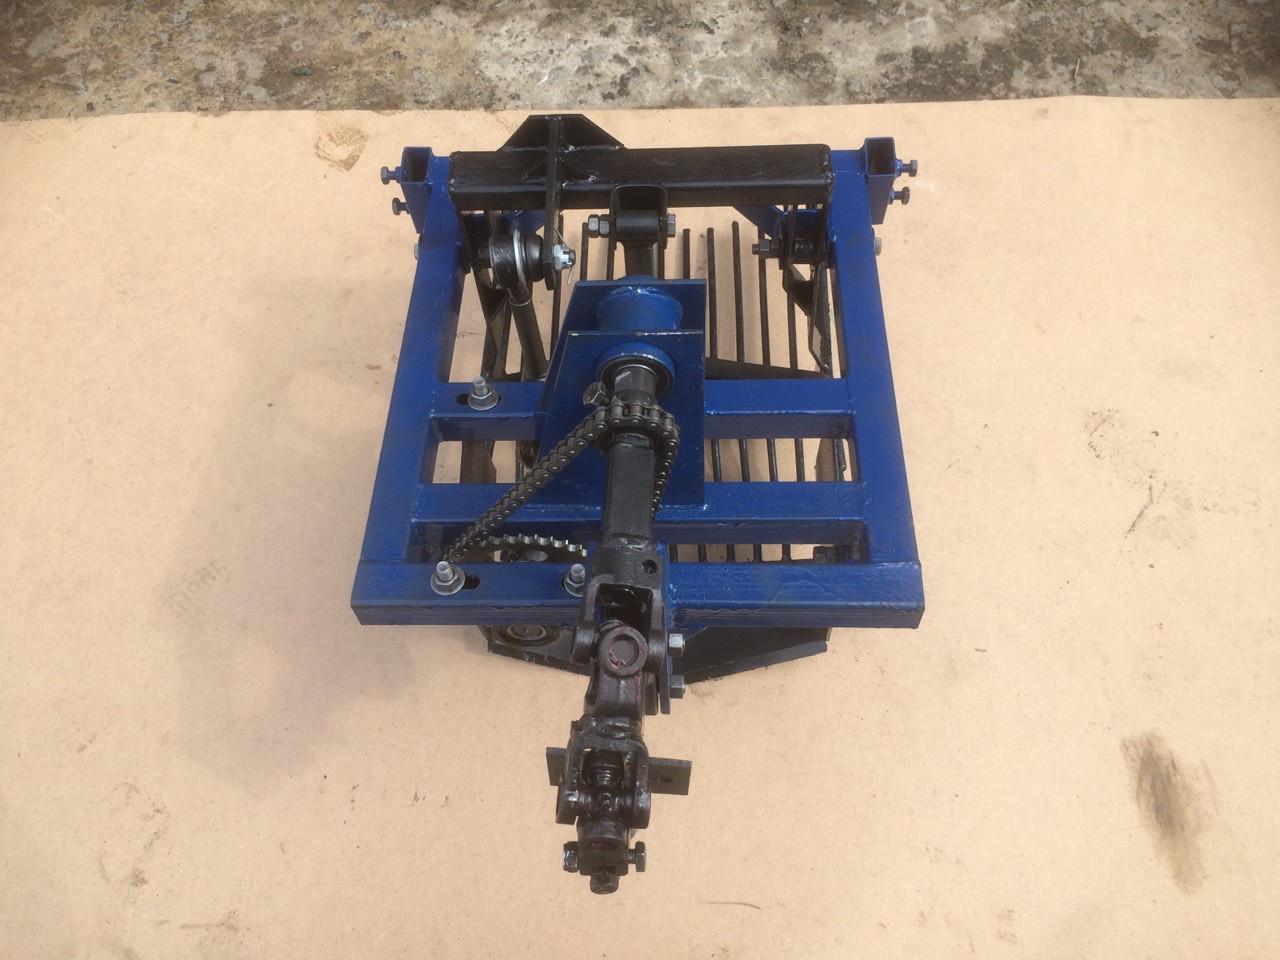 Картофелекопалка вибрационная под ВОМ мотоблока низкооборотистая! (для мотоблоков 105, 135, 1100 и т.д.)